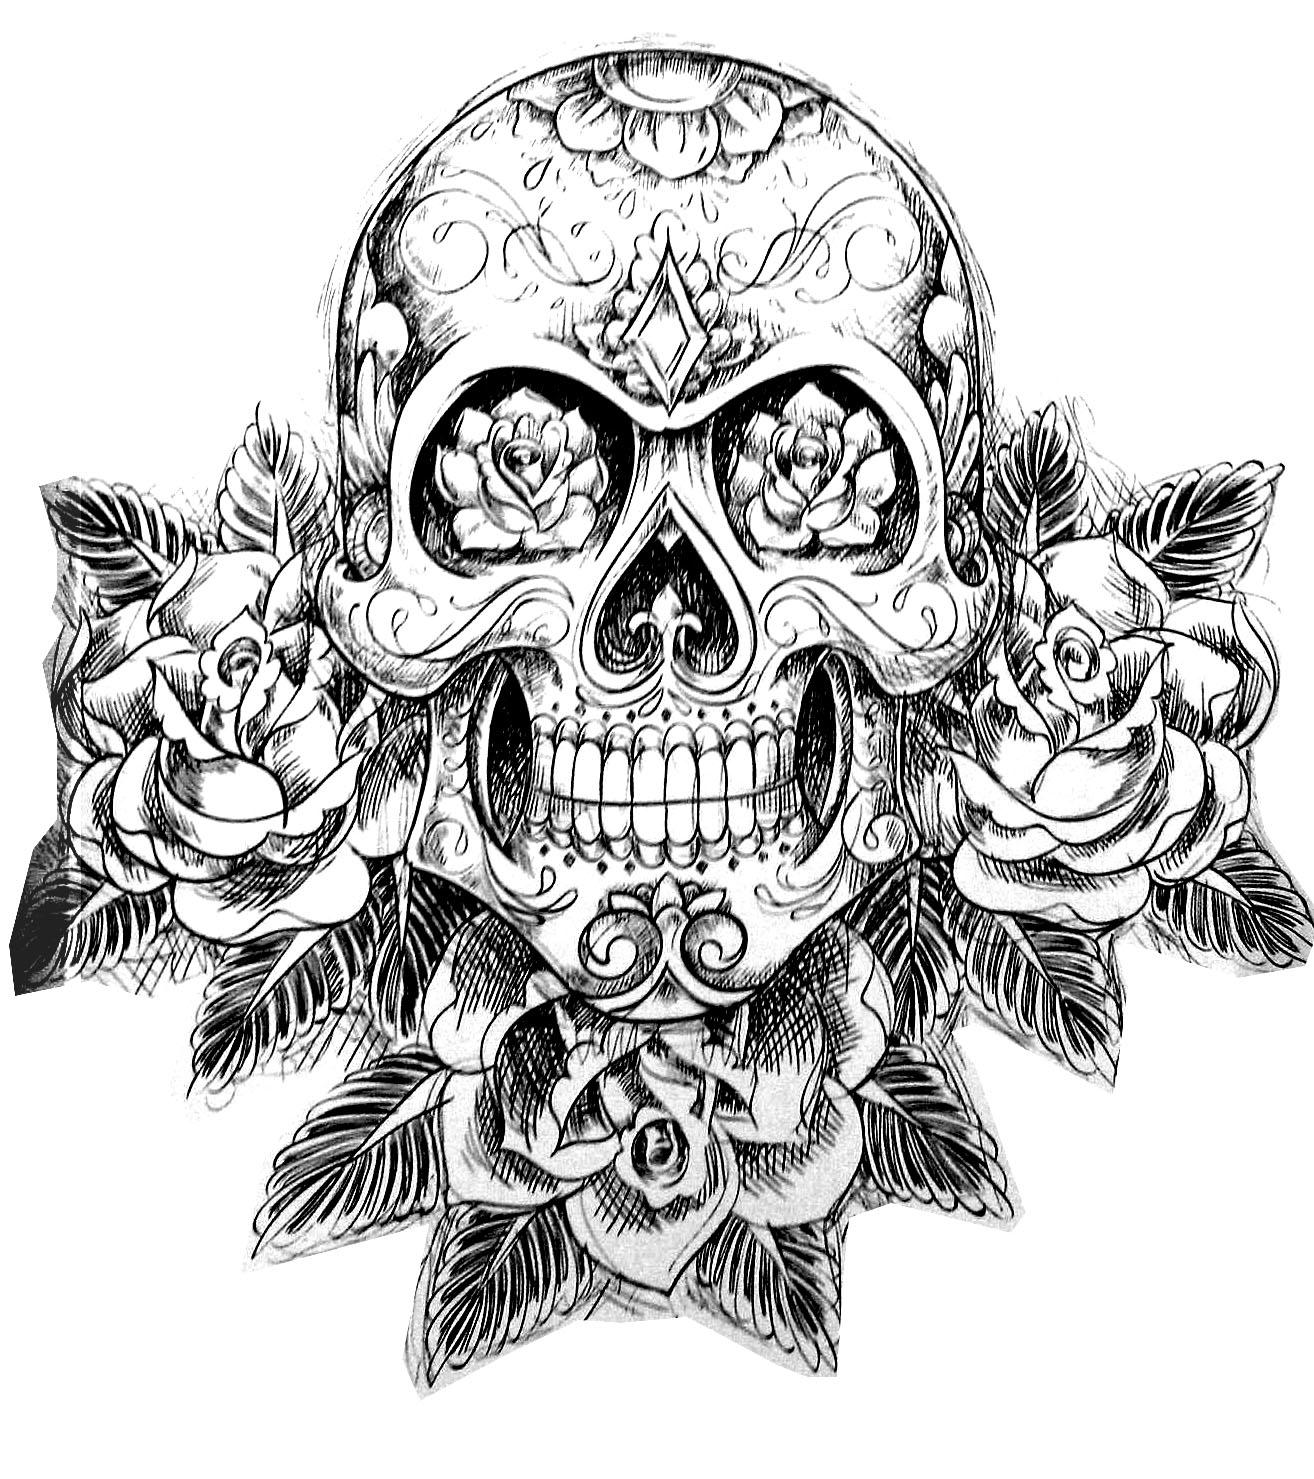 image de type tatoo dun crne accompagn de roses et autres dtails vgtaux - Dessin Pour Adultes